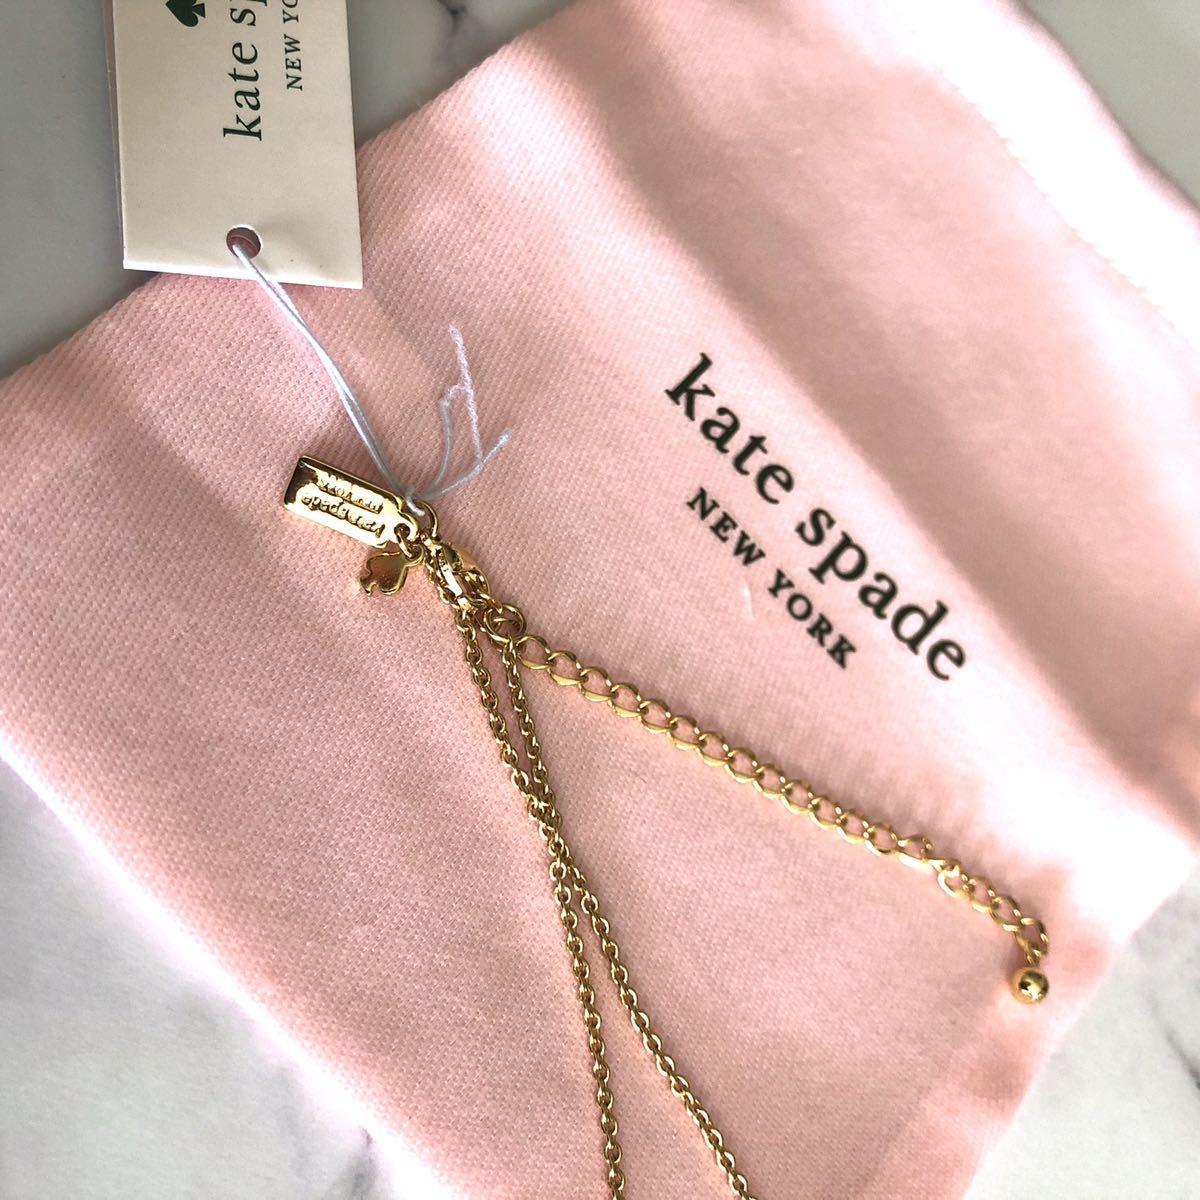 ケイトスペード ゴールド ネックレス 小鳥 バード ロゴ スワロフスキー ブランド ゴージャス プレゼント アクセサリー ジュエリー 新品